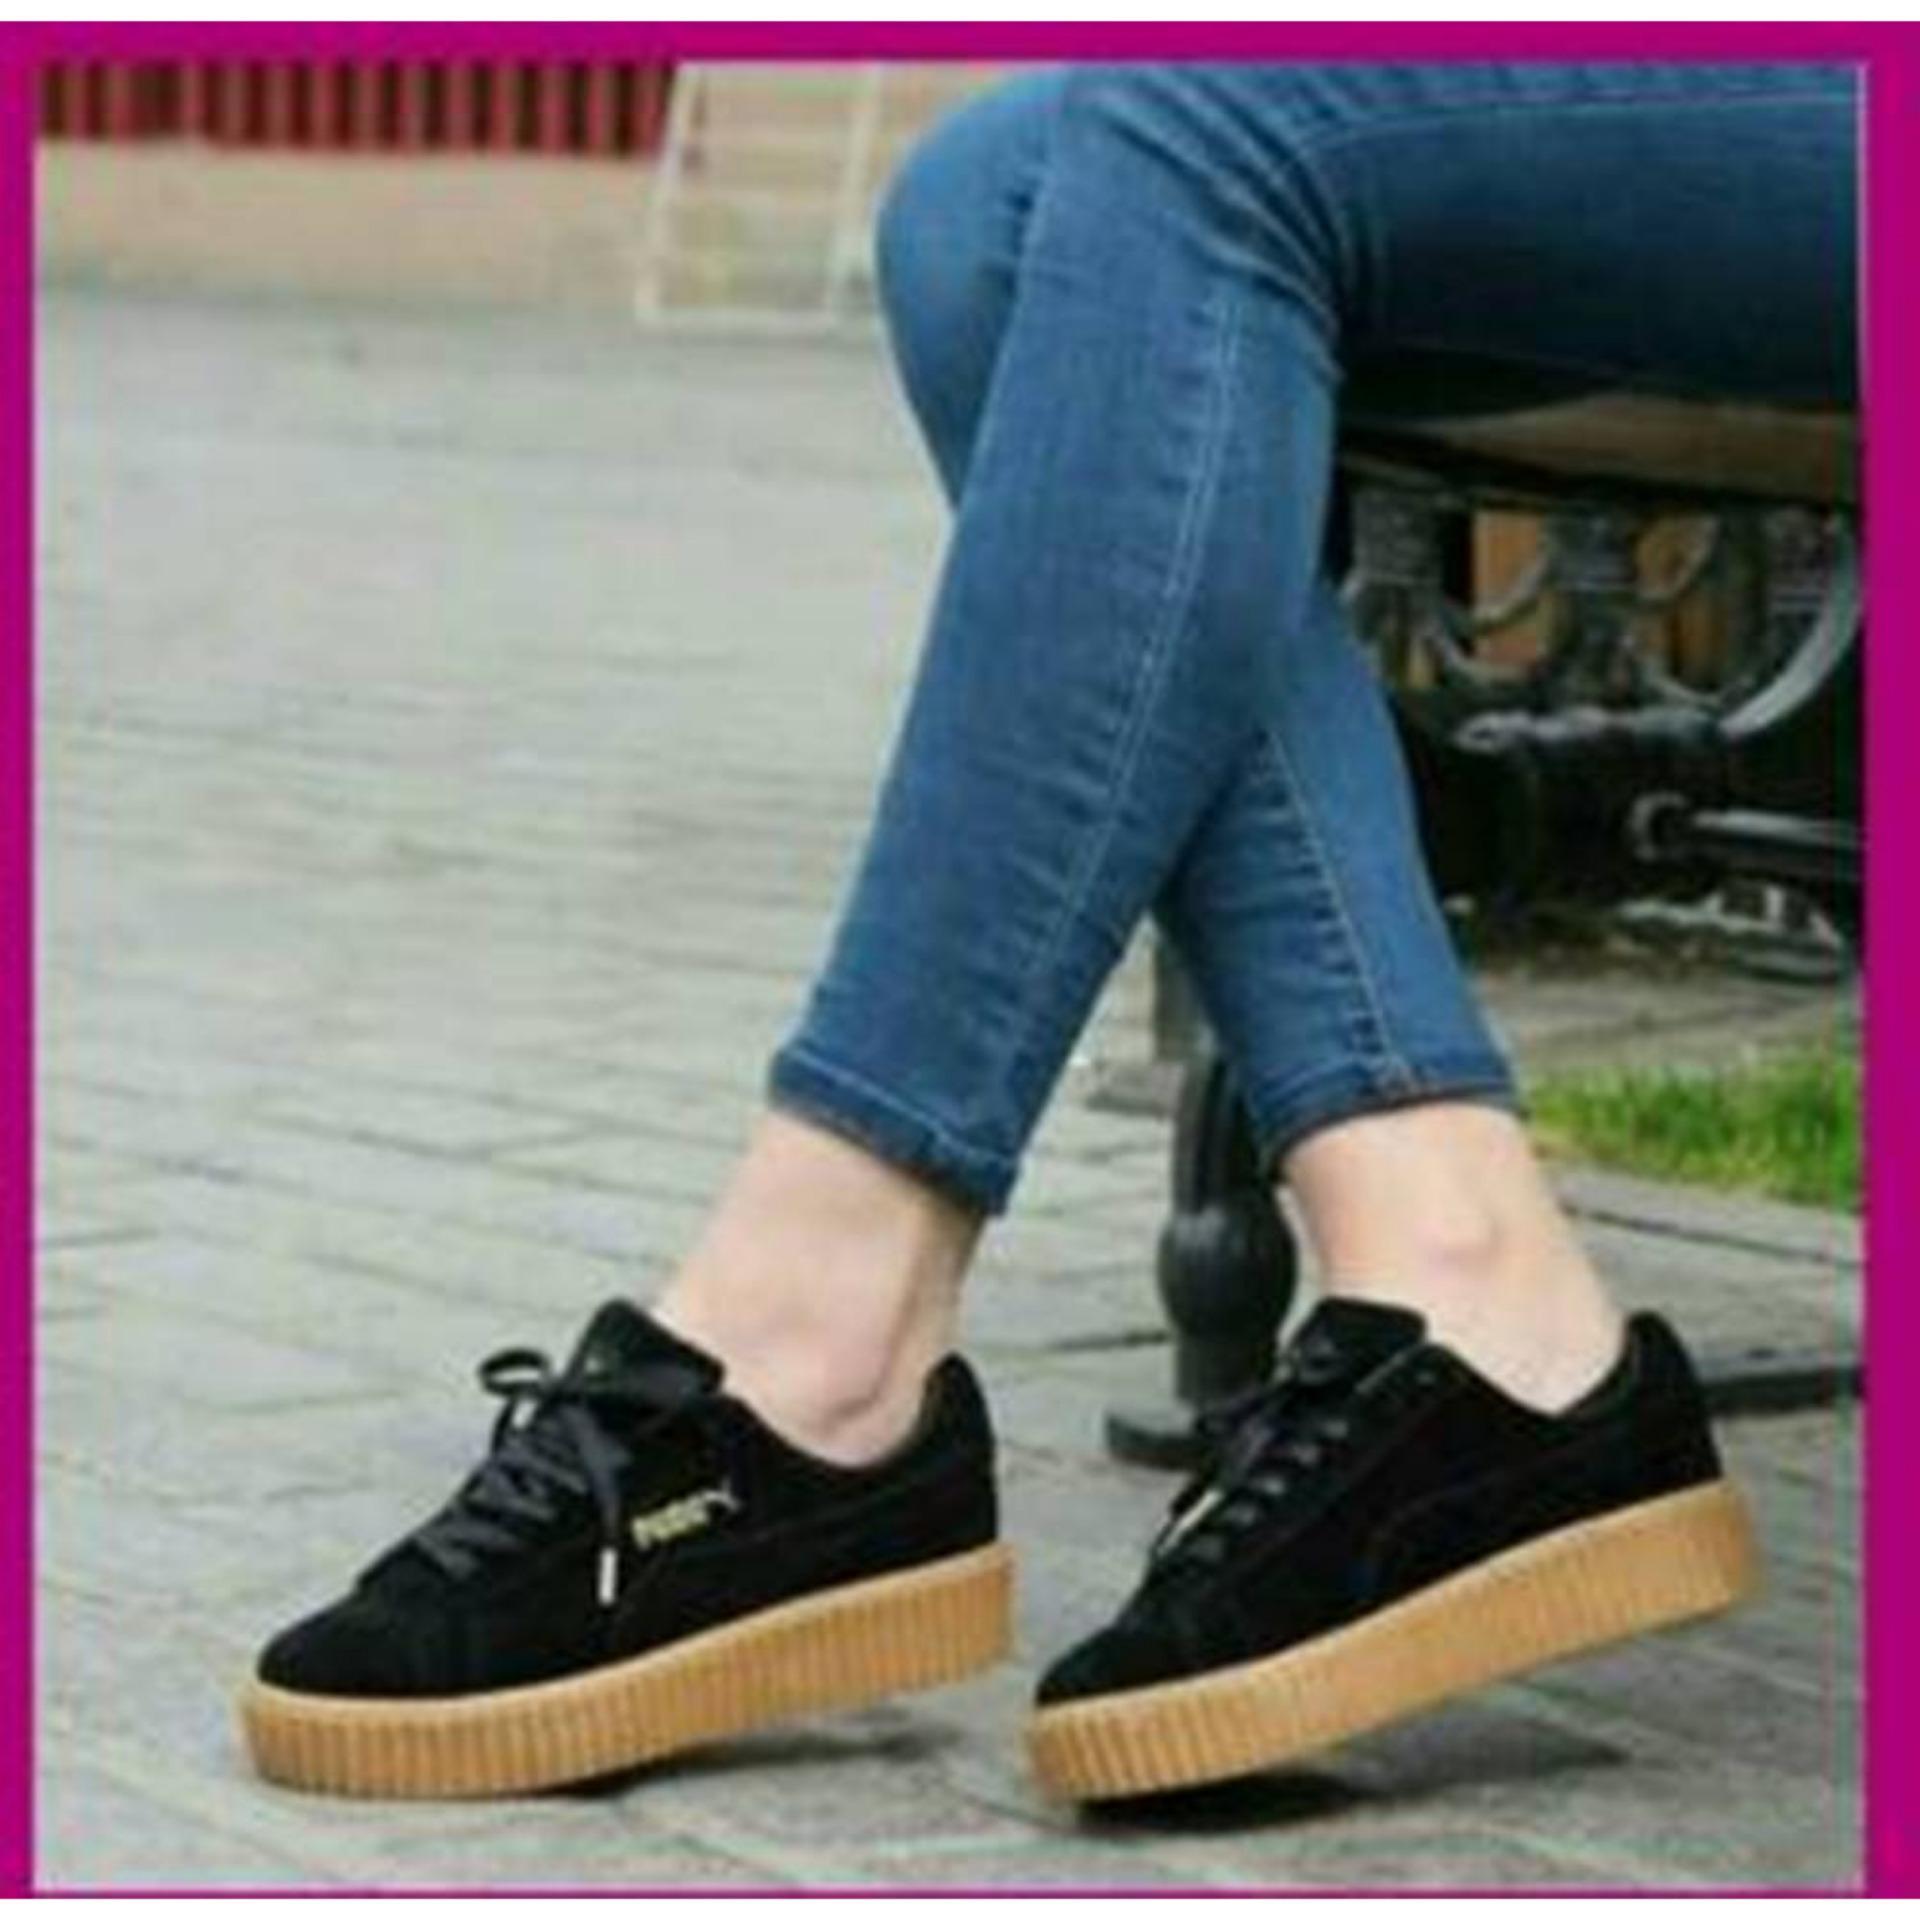 Koketo Zis 07 Sepatu Sneakers Terbaik Referensi Daftar Harga Wanita Gabino Hiley Silver Gf7e11 04 At 12 Black